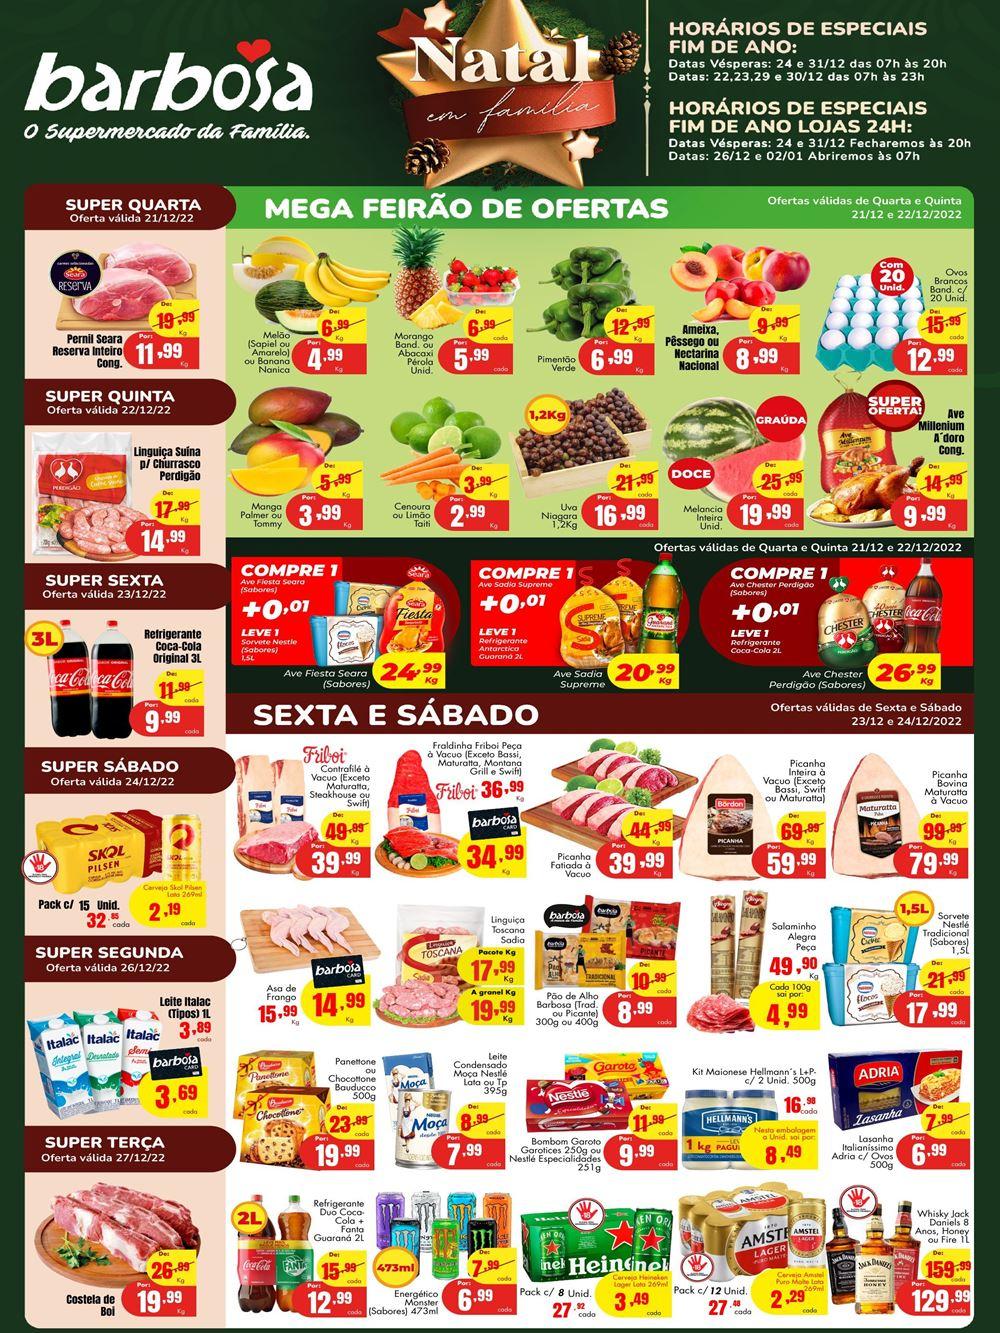 barbosa-ofertas-descontos-hoje1-28 Ofertas de supermercados